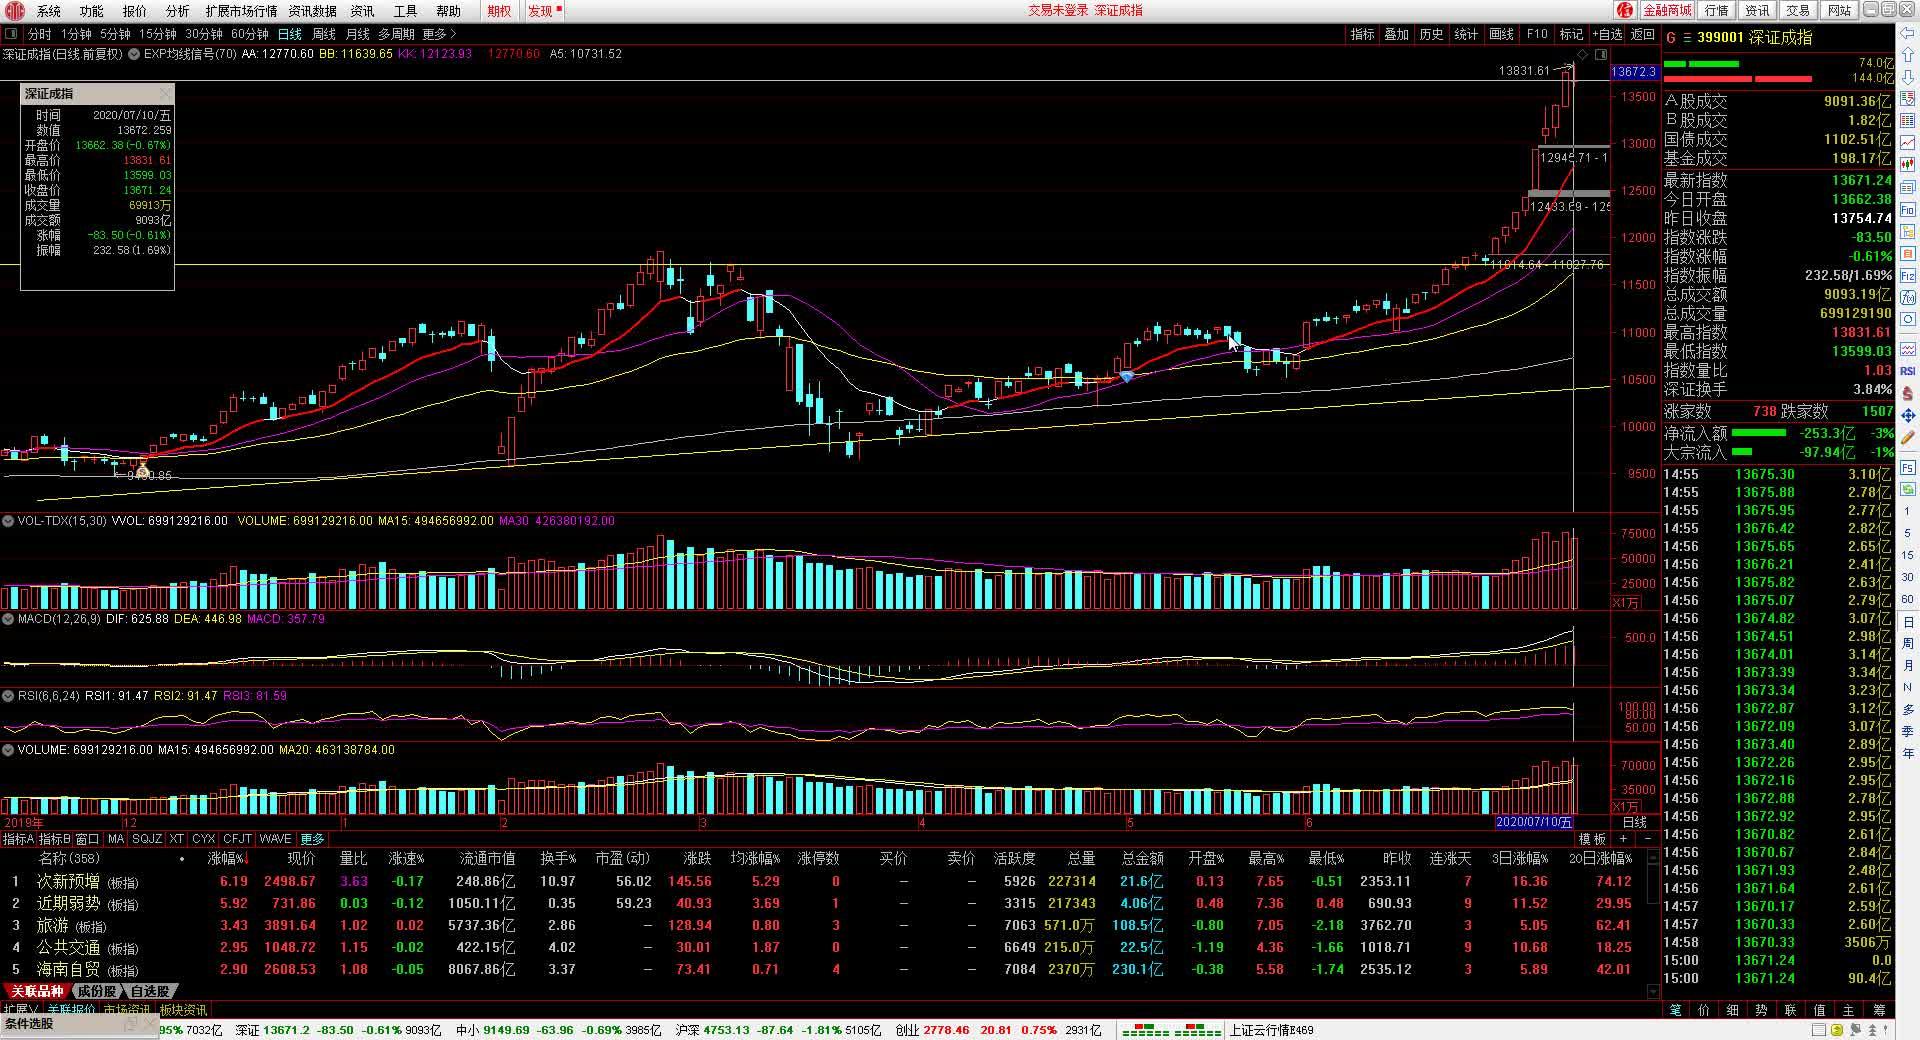 股市银狐股票入门基础知识 股票技术分析 牛市判断条件